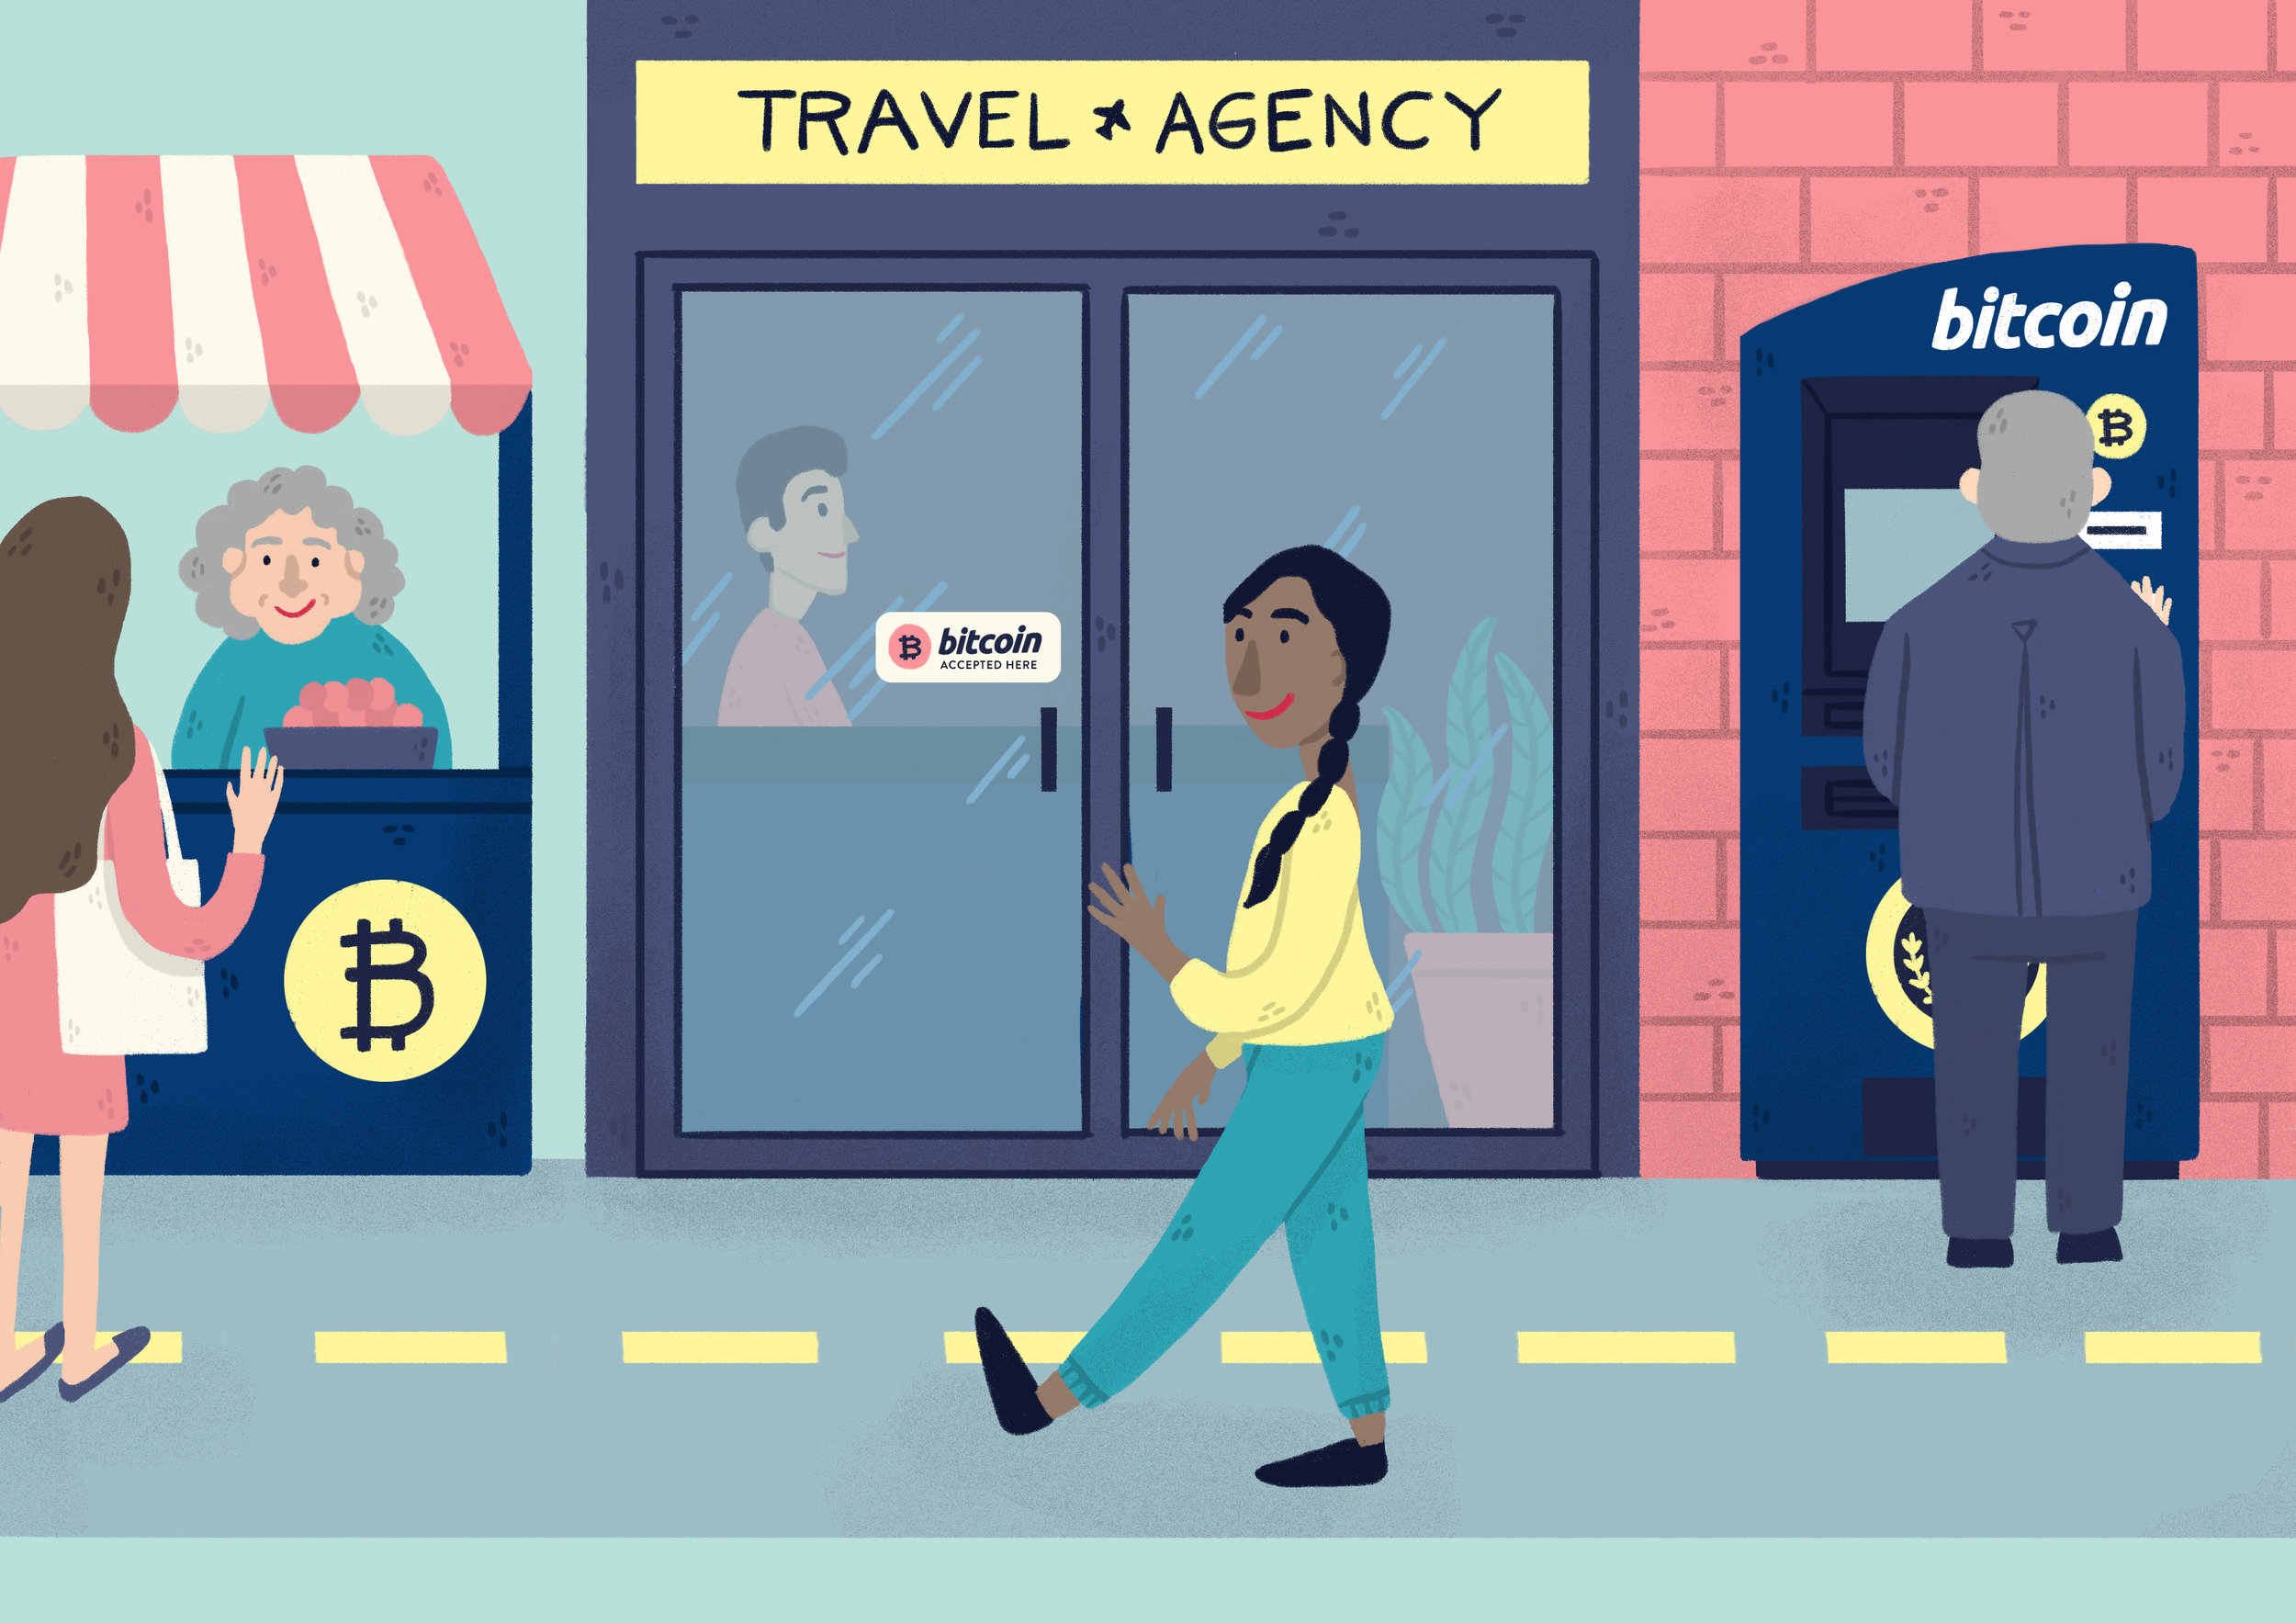 5-lets-go-bitcoin-how-can-i-use-bitcoin.jpg